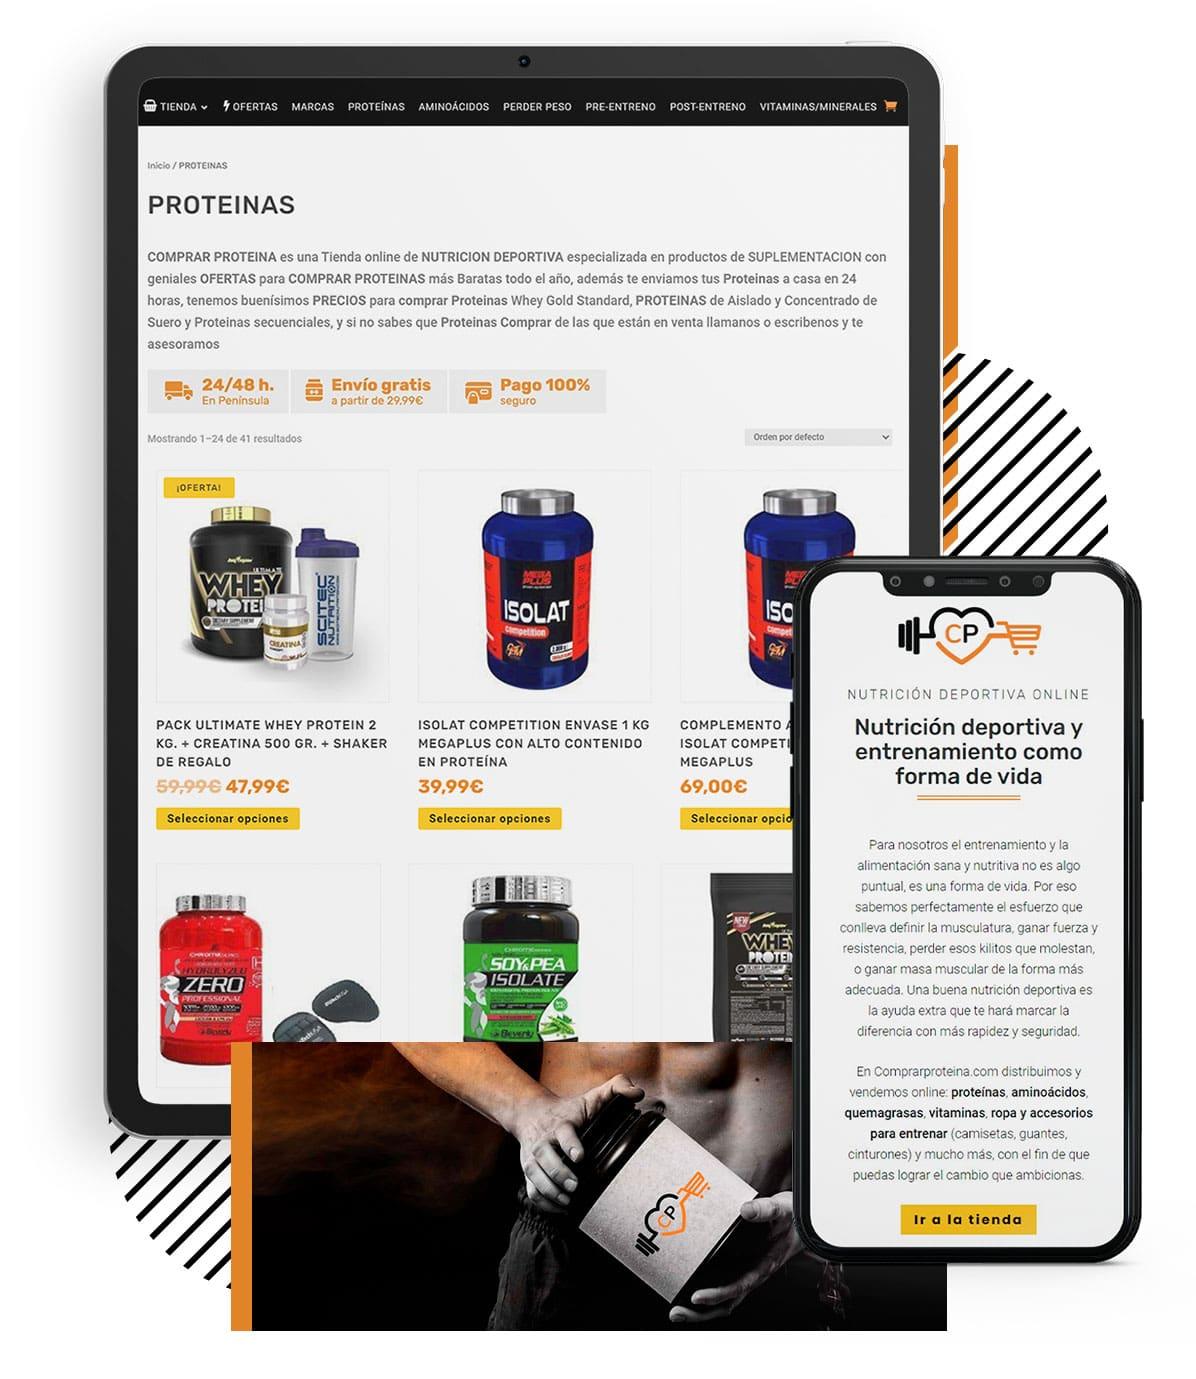 tienda-online-comprarproteinas-2VM